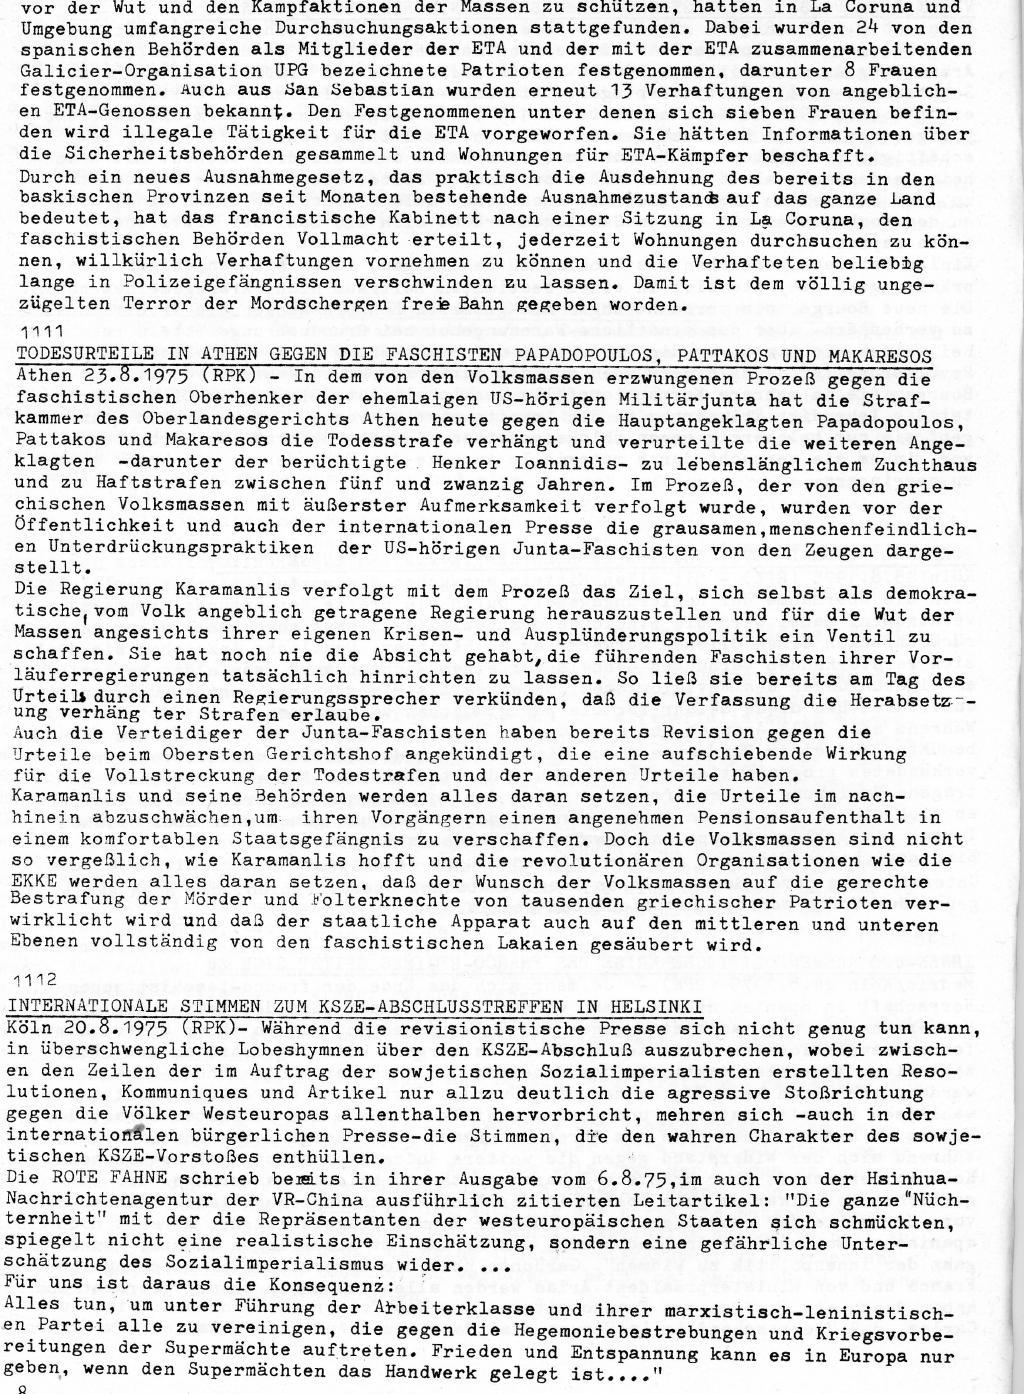 RPK_Pressedienst_1975_40_08